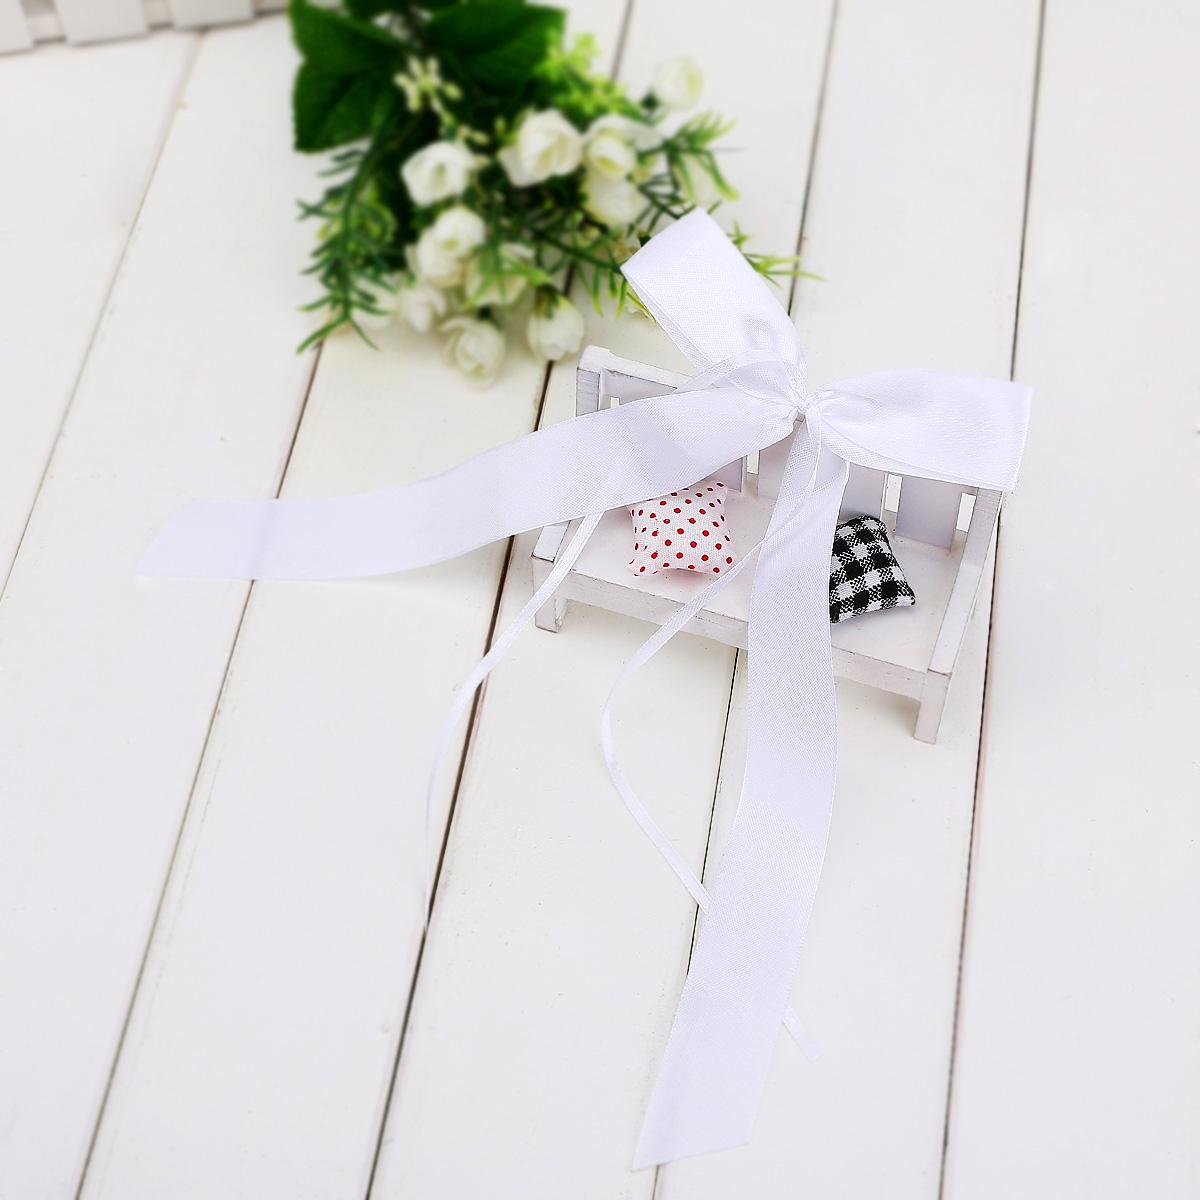 Schleifen Auto Hochzeit Basteln 10 Antennenschleifen Deko